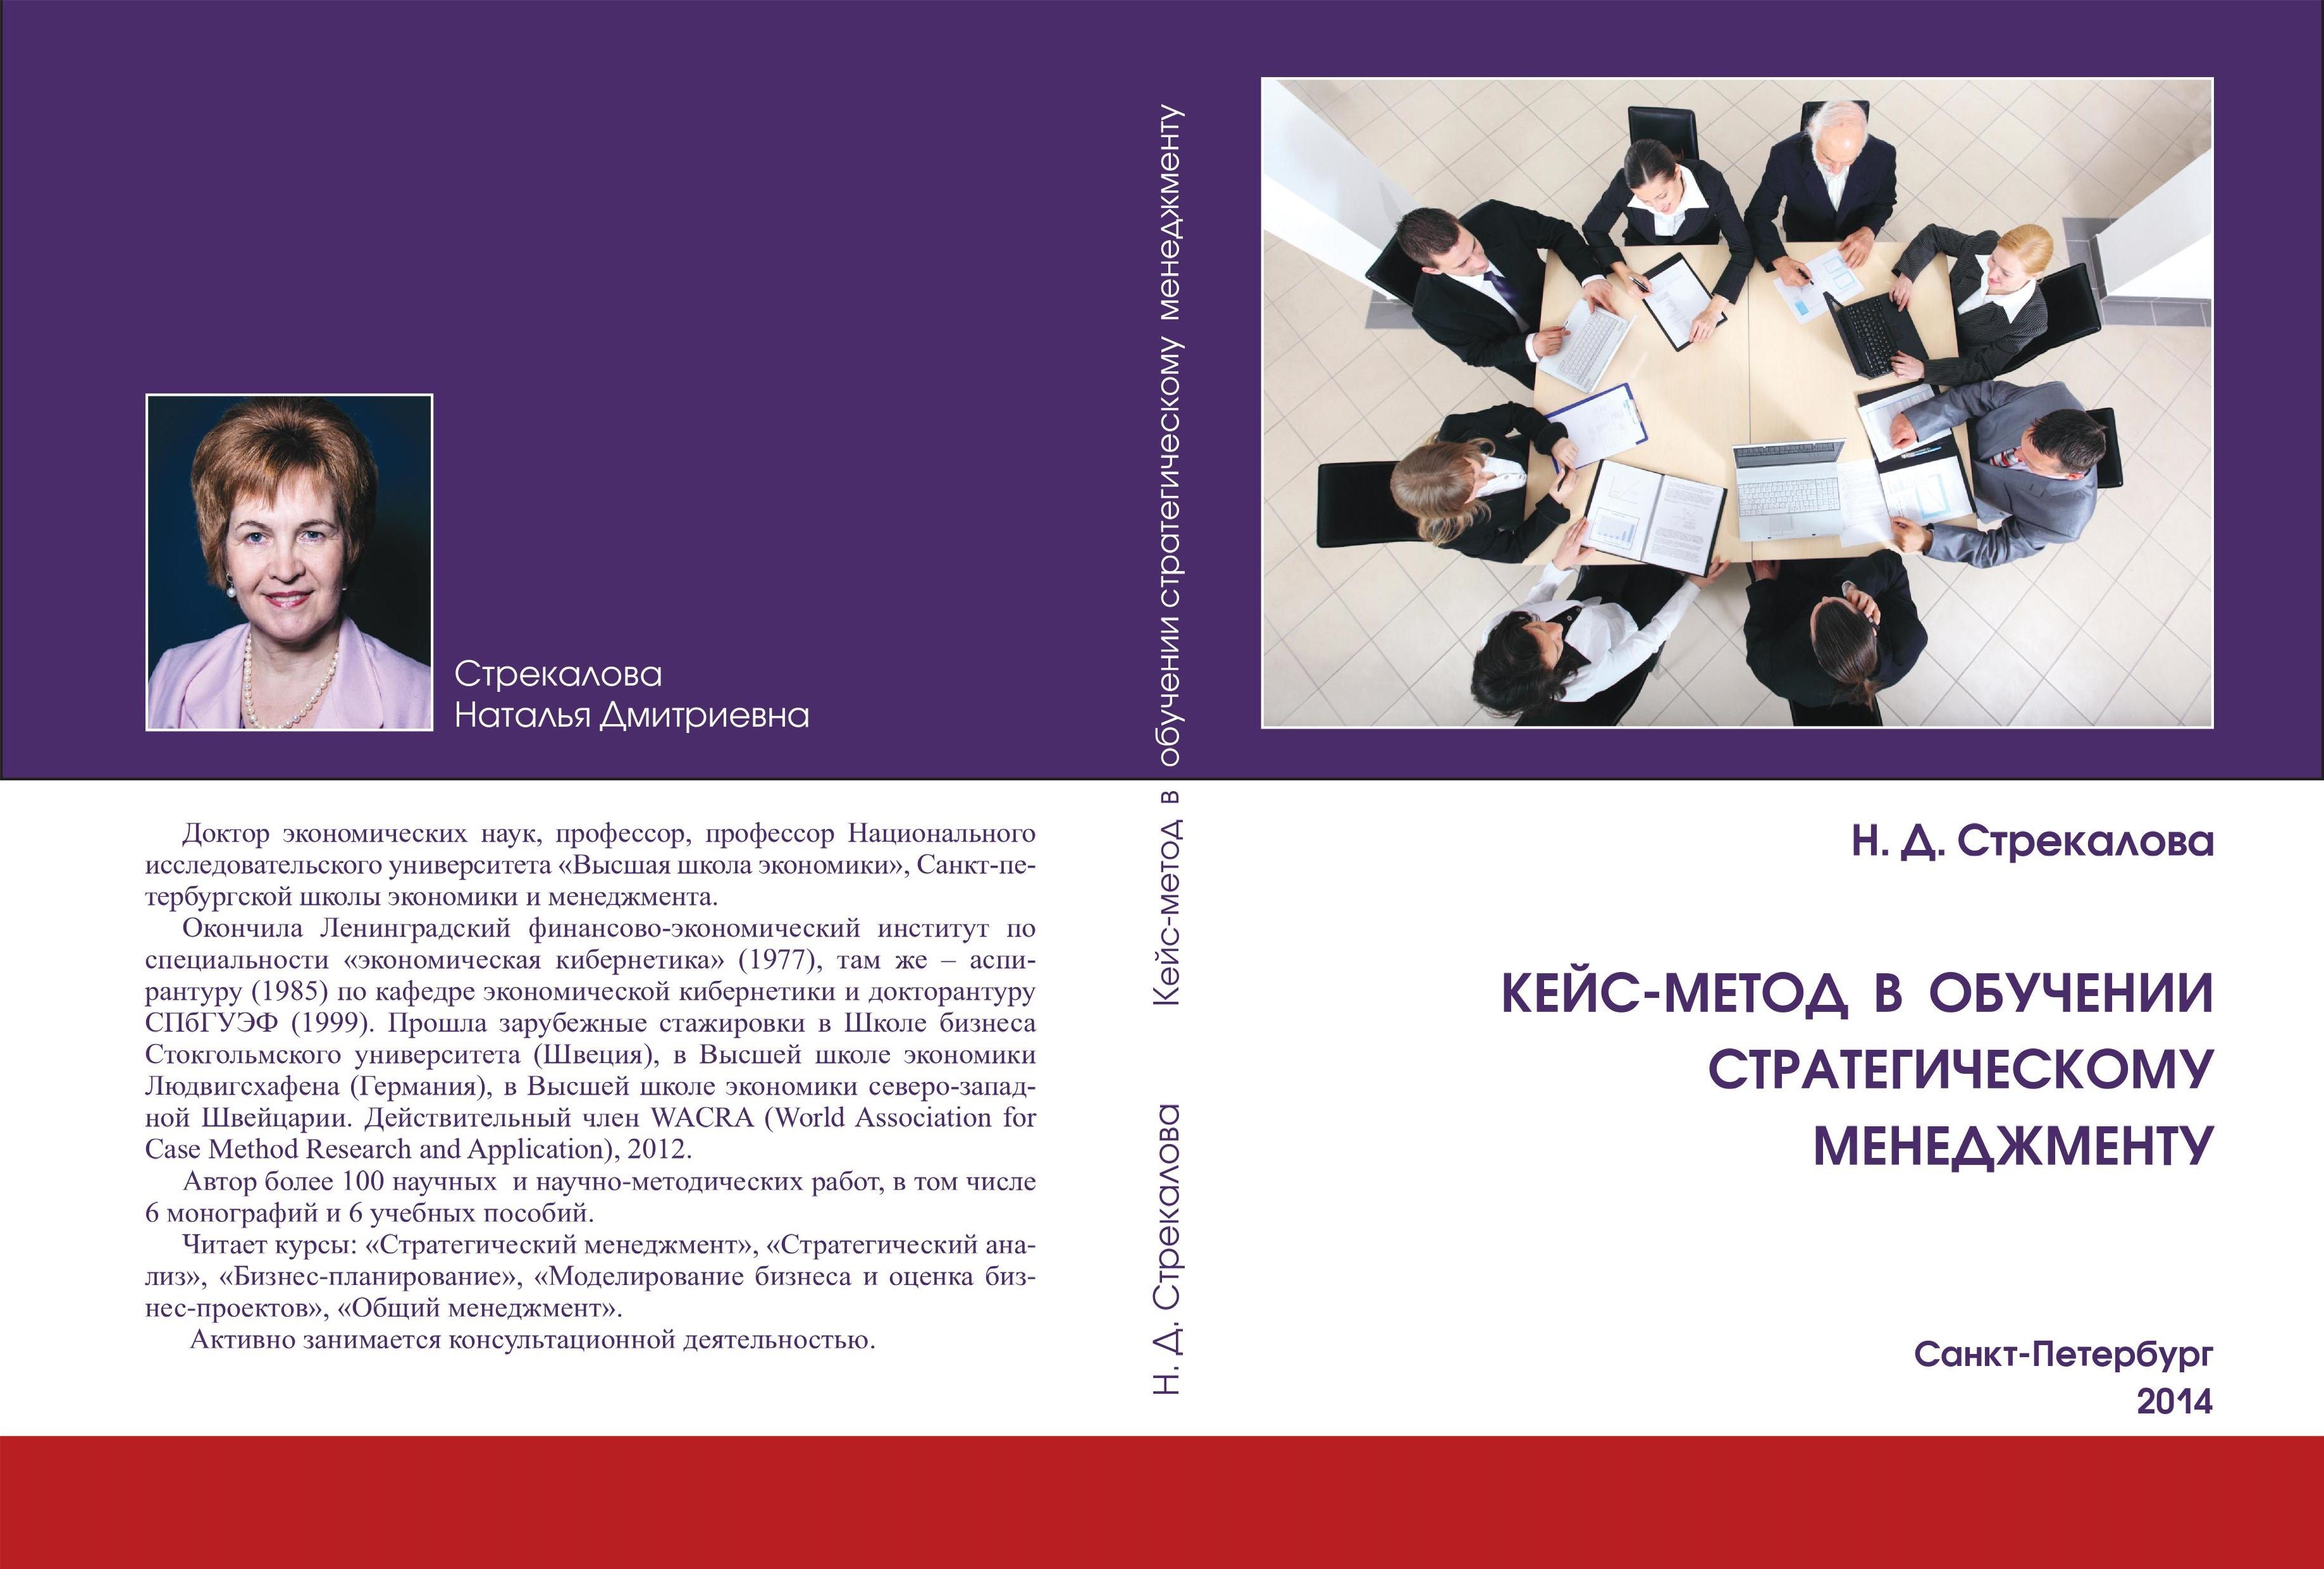 Кейс-метод в обучении стратегическому менеджменту: монография